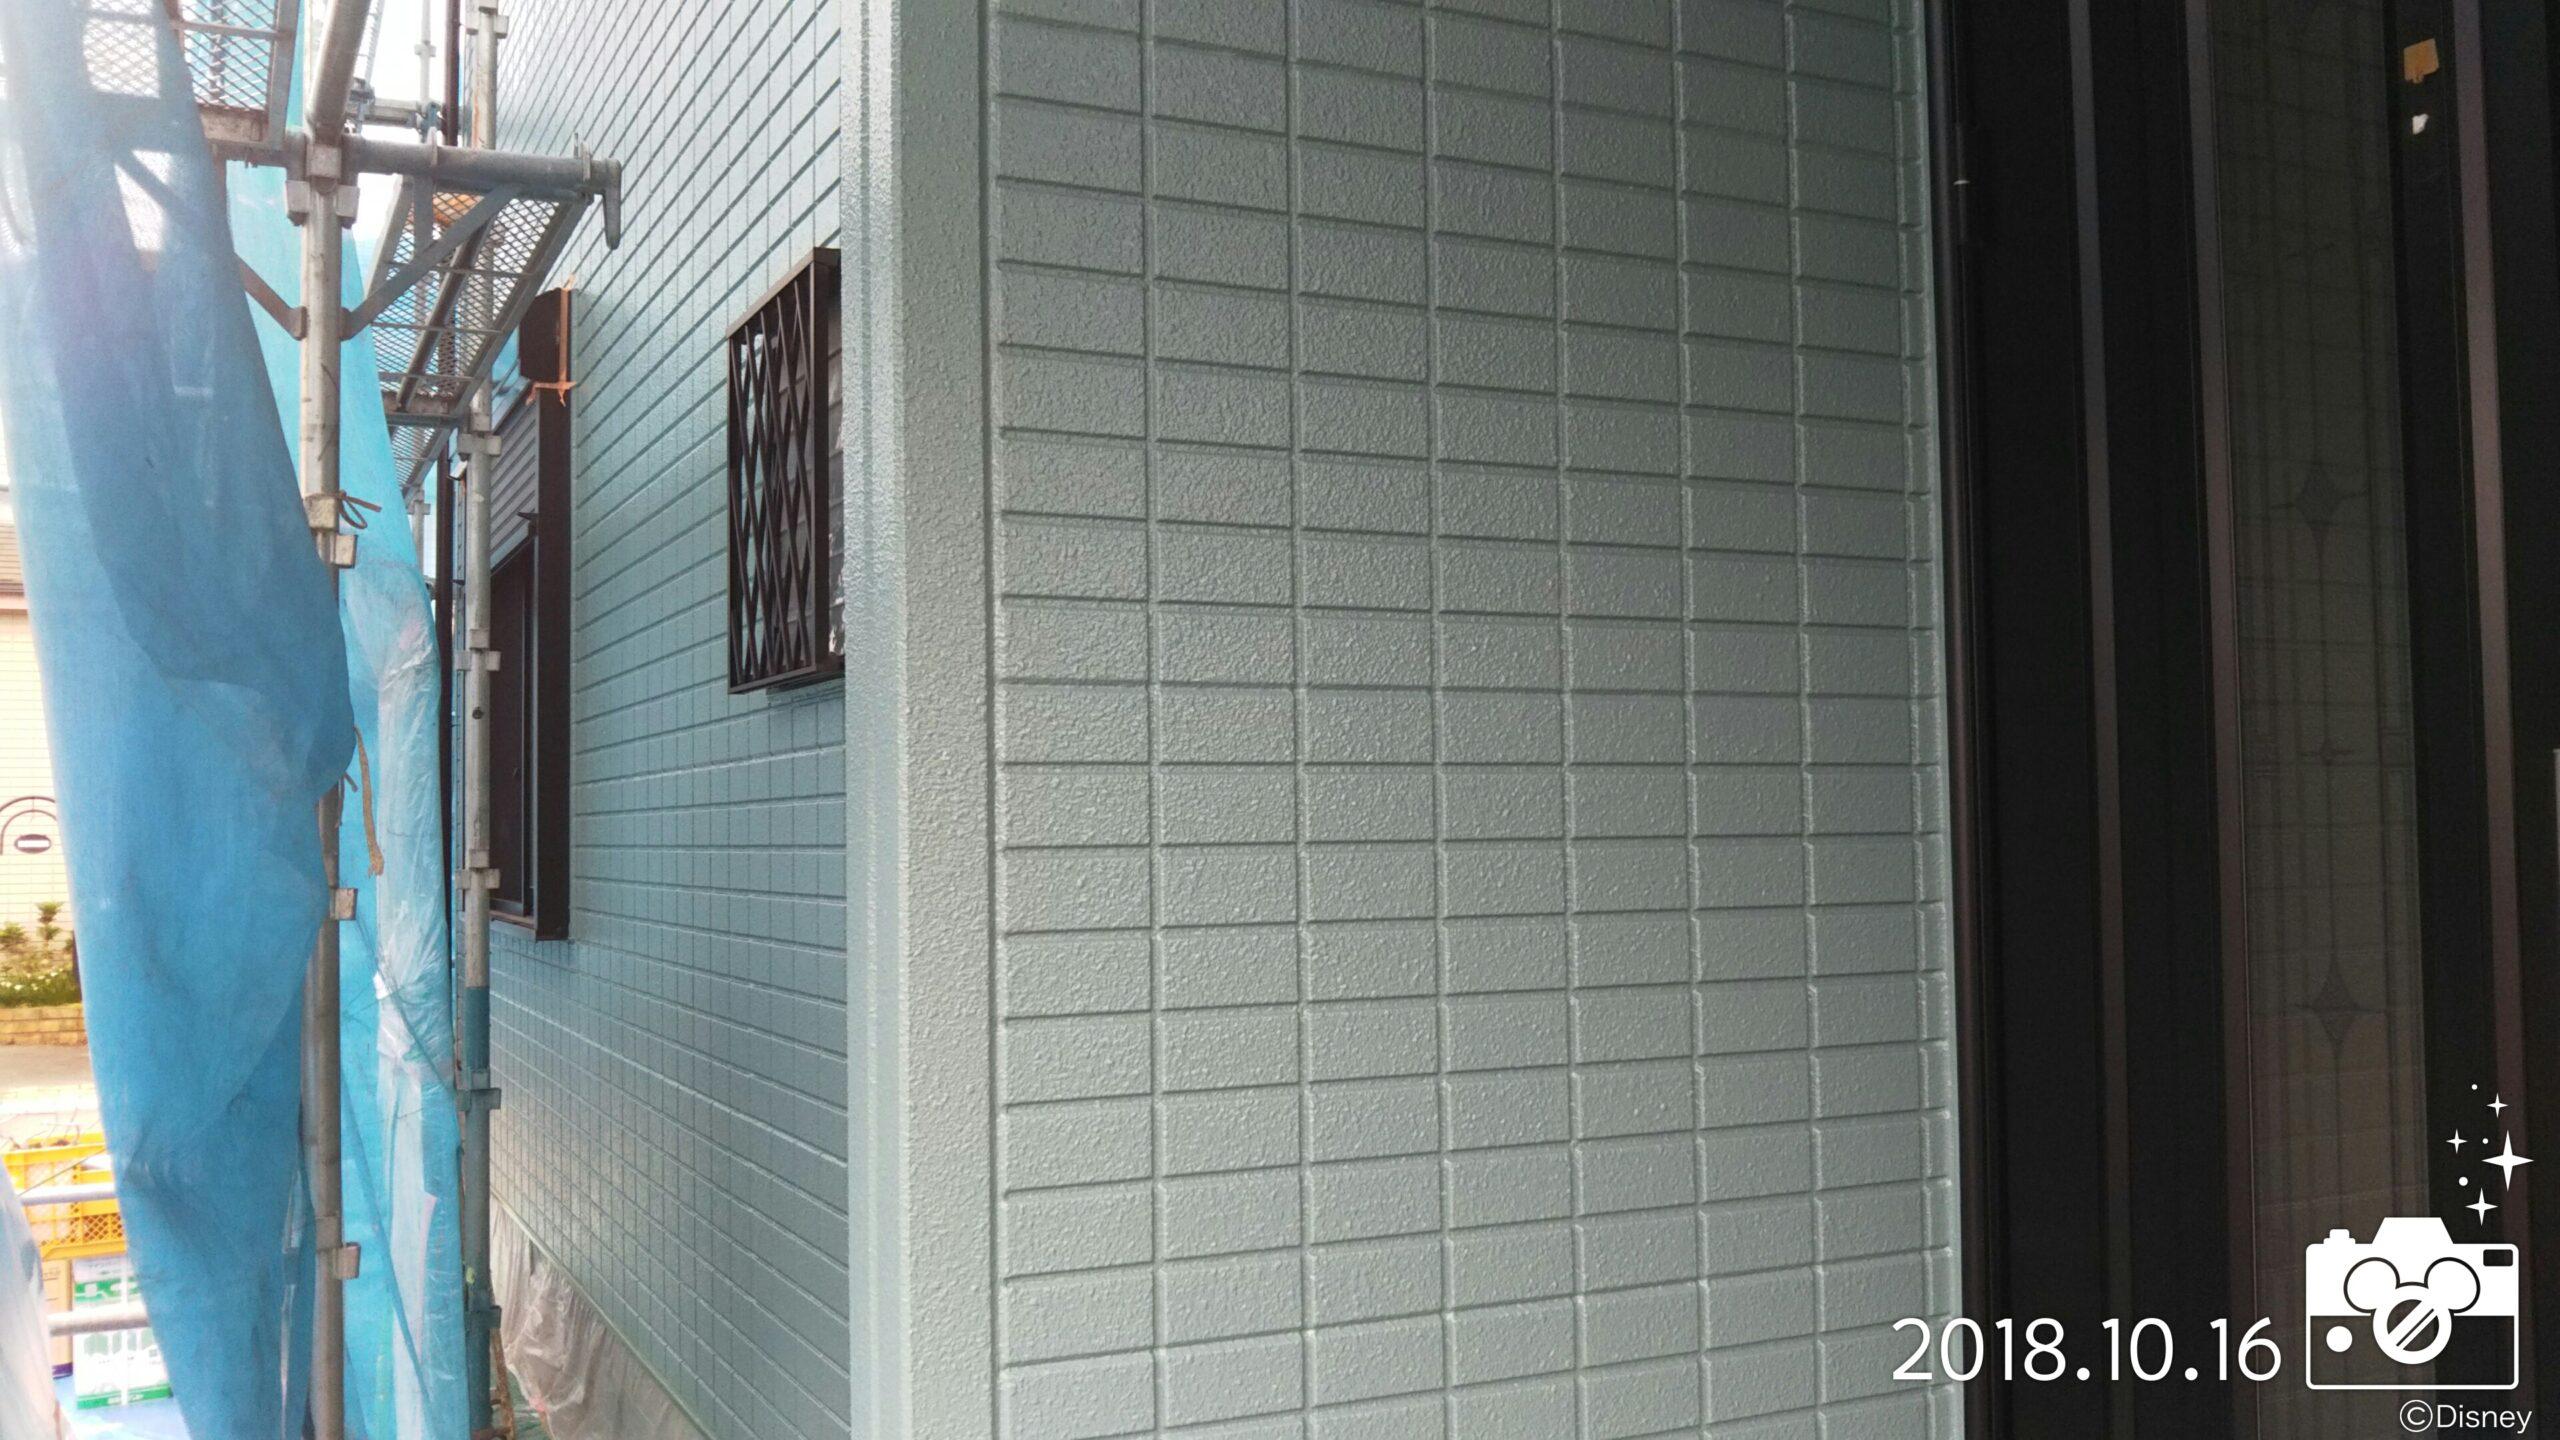 埼玉県さいたま市 鉄部サビ止め塗装・鉄部仕上げ塗装・サッシの掃除|さいたま市岩槻区の木造2階建てのM様邸にて塗り替えリフォーム中